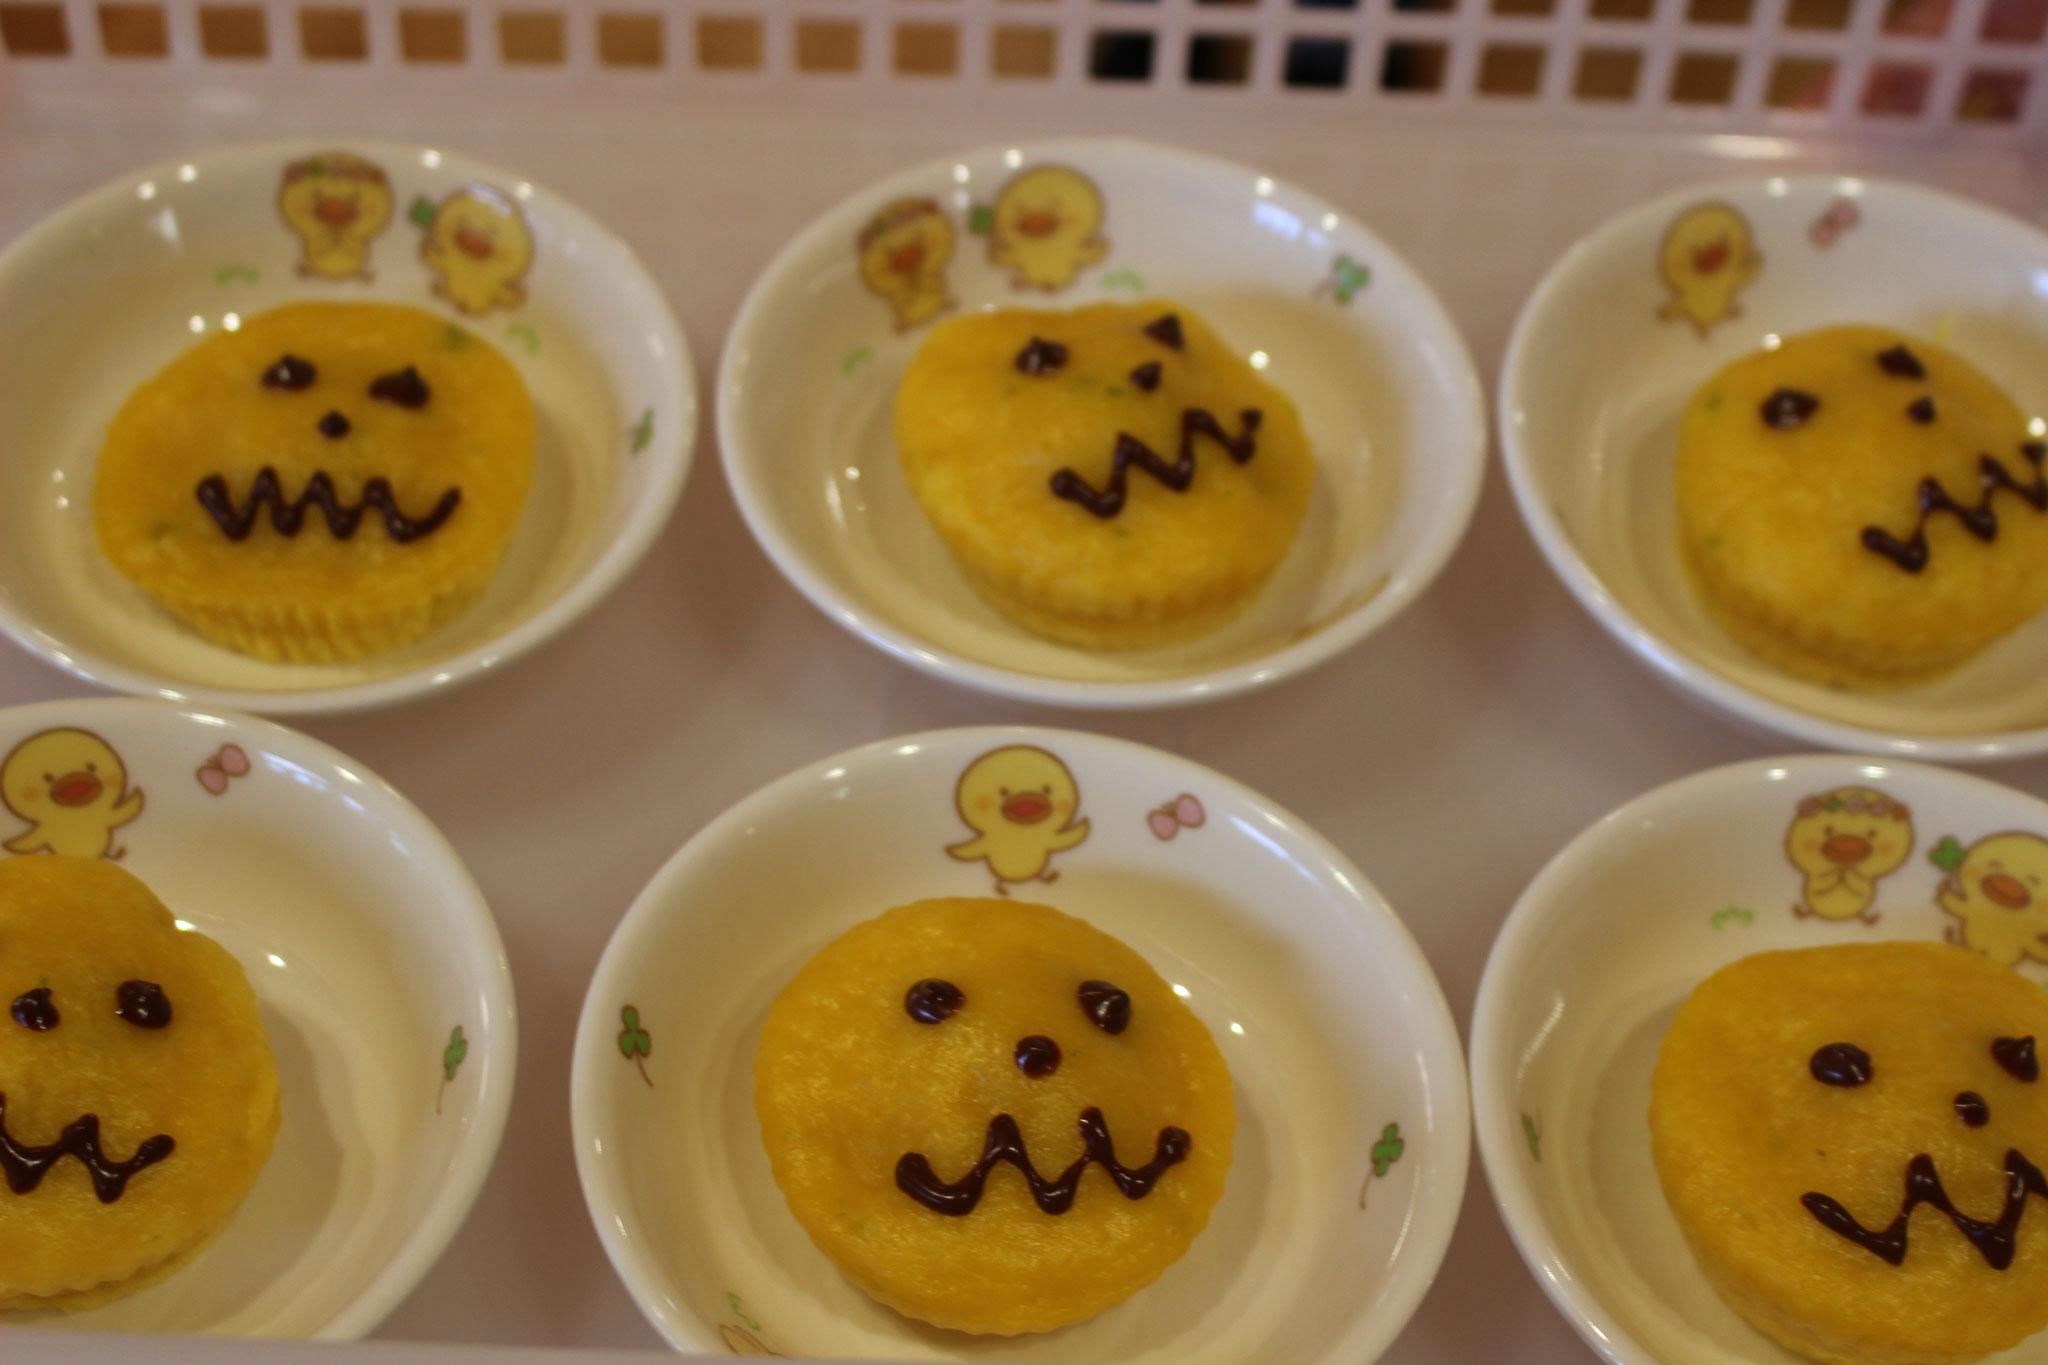 みんなのおたのしみ おやつは かぼちゃの蒸しパンです! 初のチョコレートを使用して ランタンのお顔を かきました🎃 次にチョコを使うのは いつになるかは わかりませんと Y先生のコメントです (;^_^A